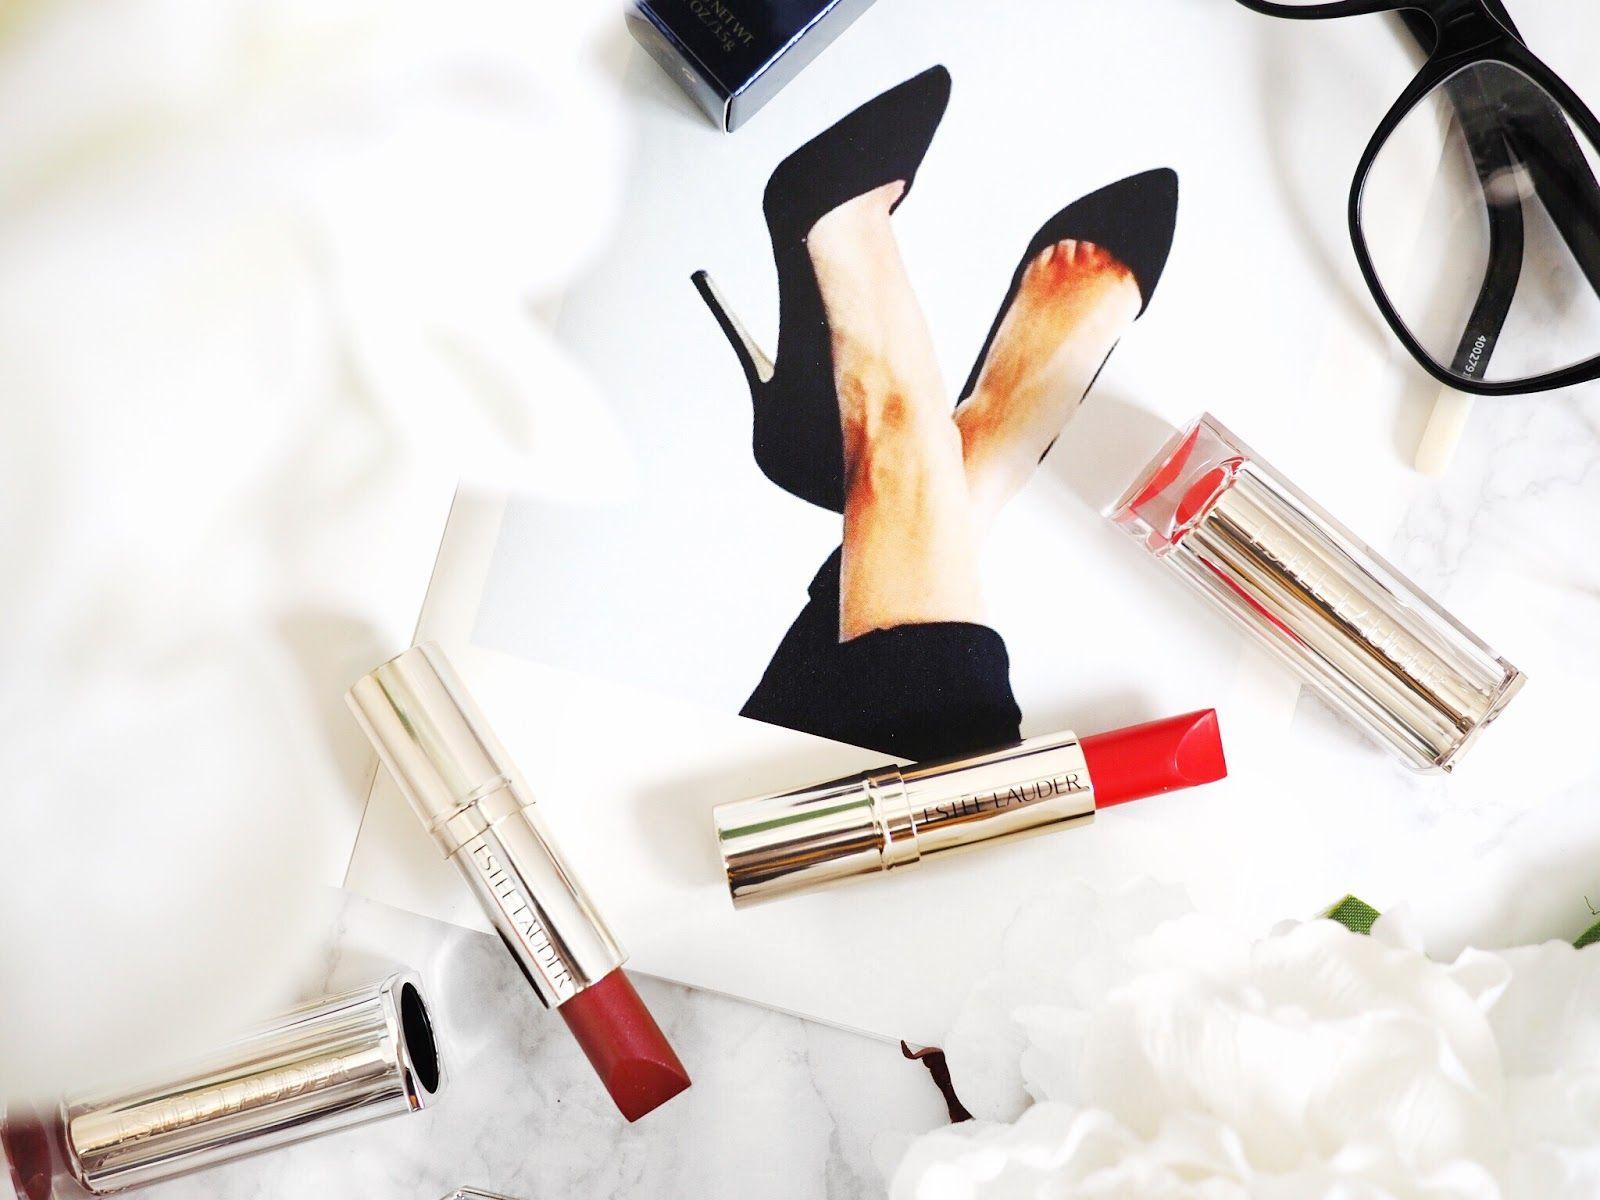 Estée Lauder Pure Colour Love lipsticks - make up flat lay